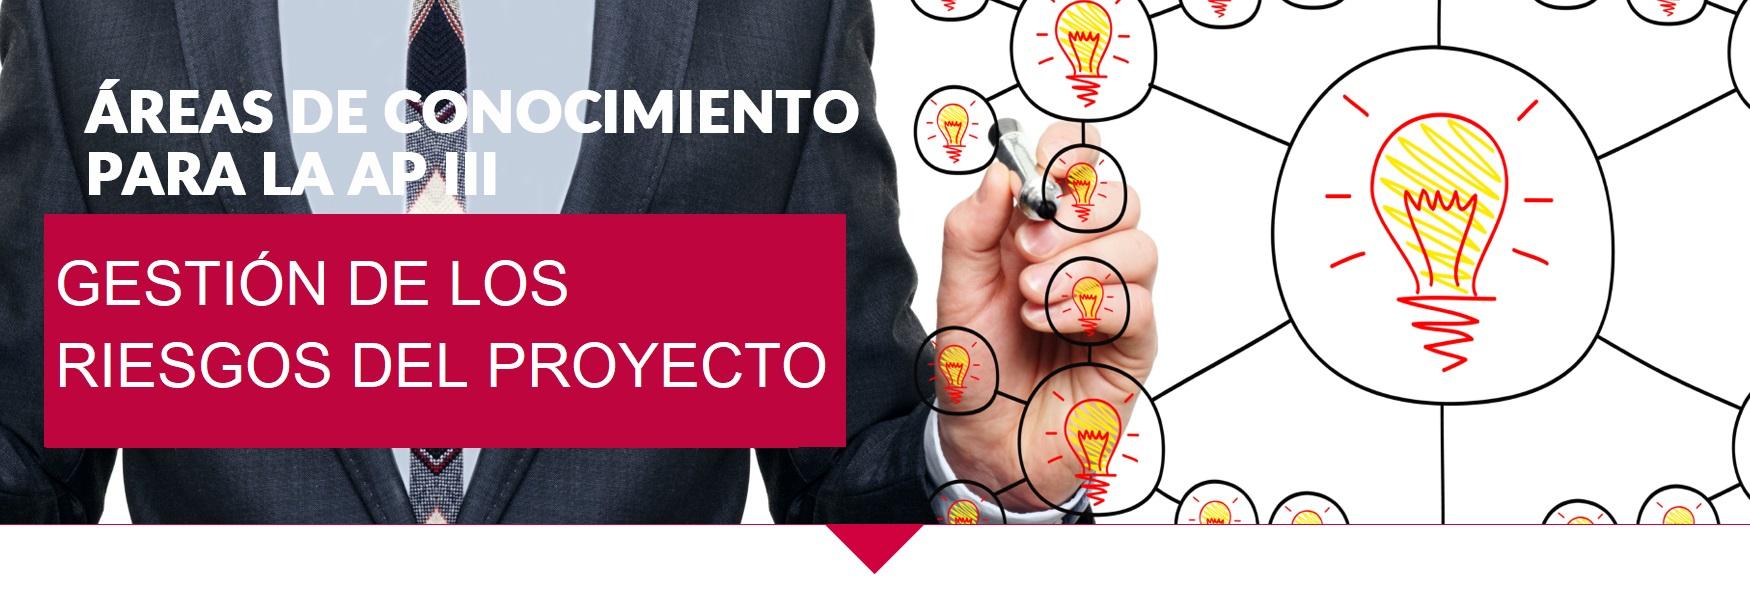 Áreas del Conocimiento para la Administración de Proyectos III (Gestión de los riesgos del proyecto)